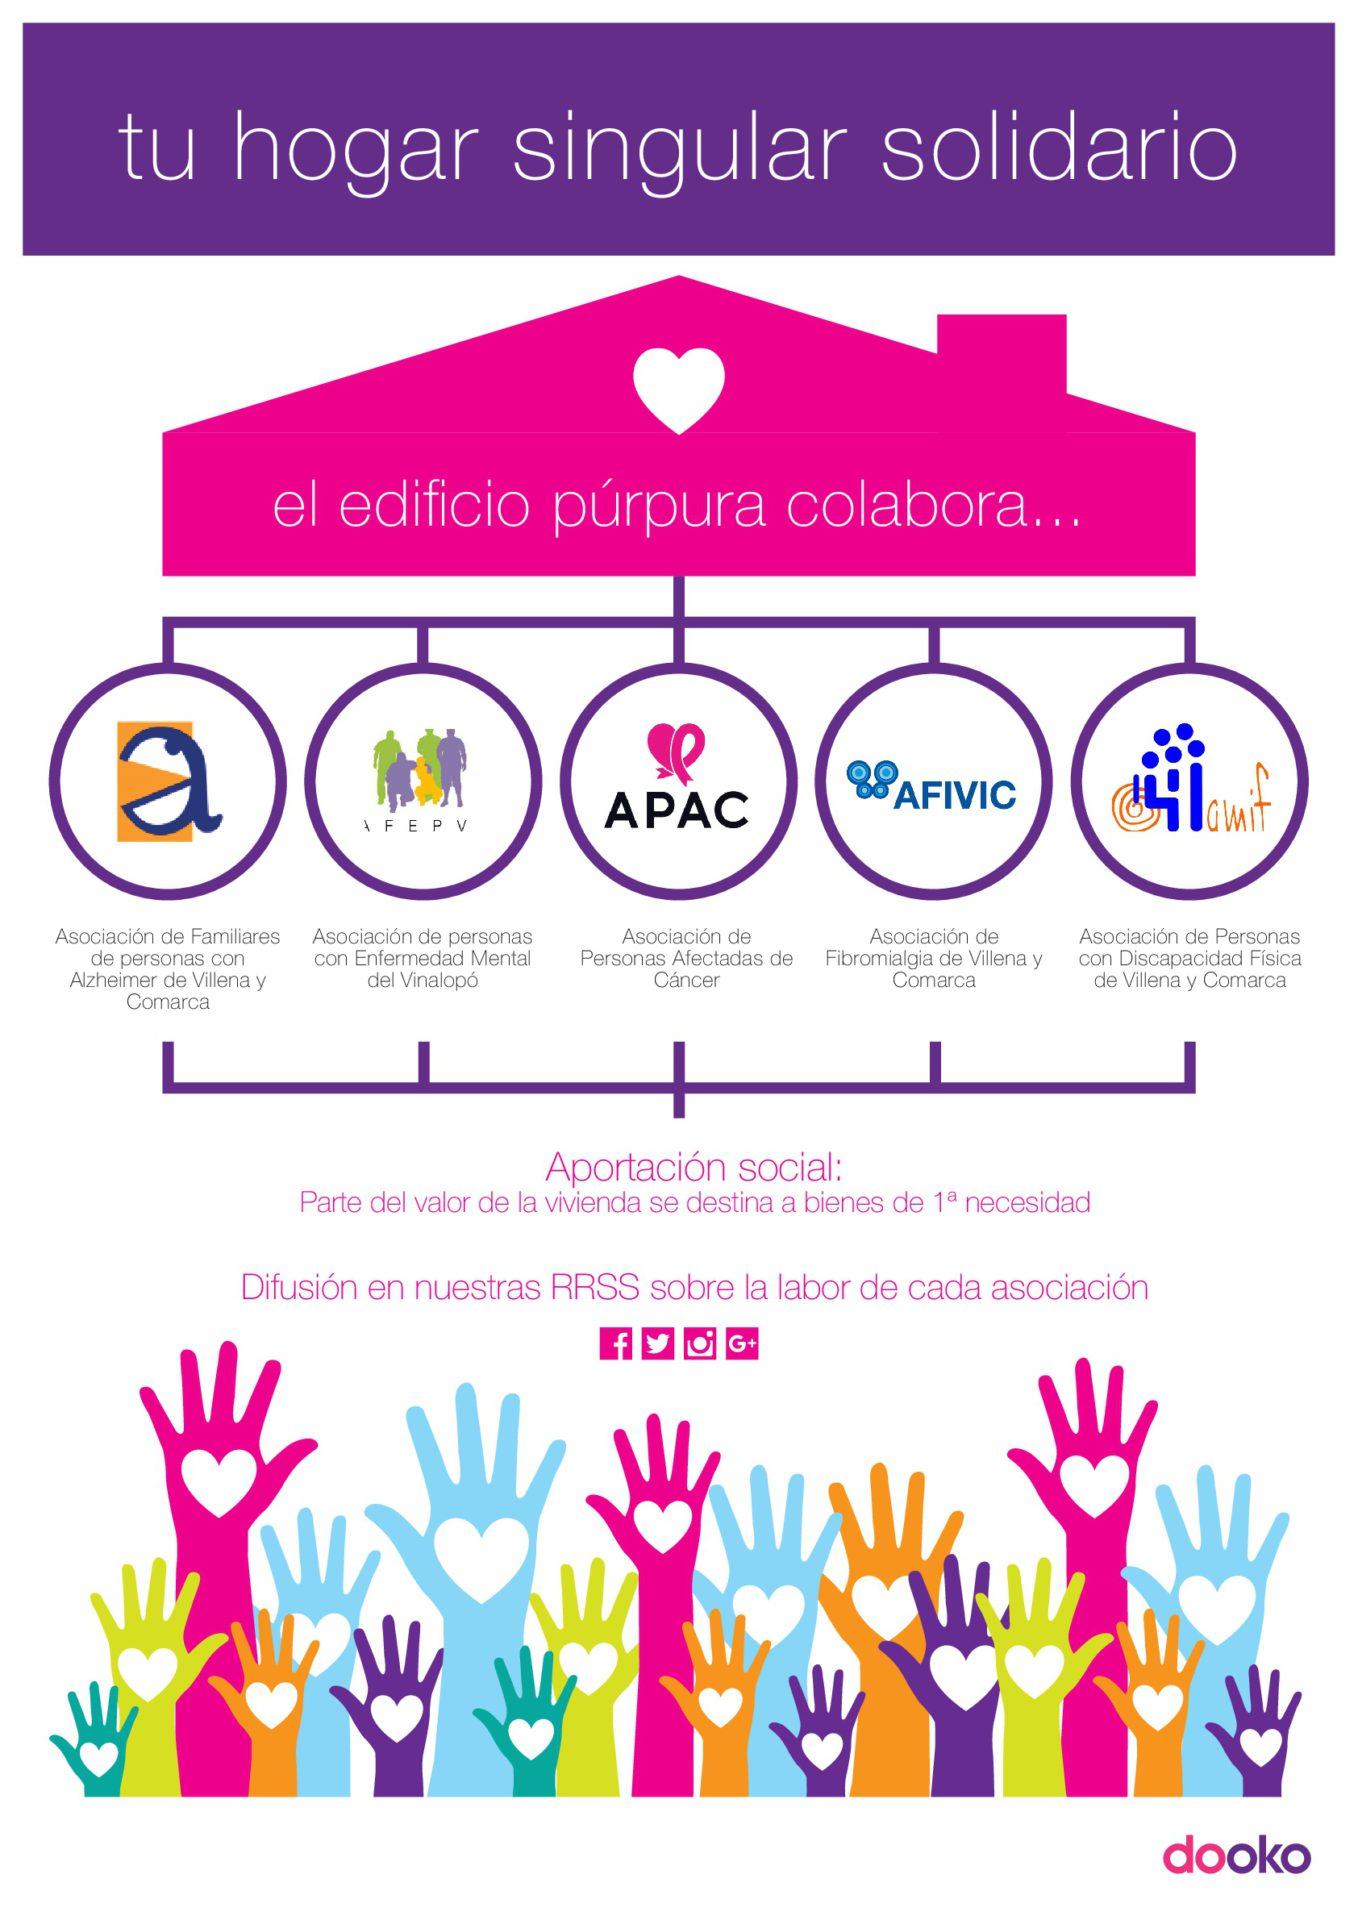 Asociaciones-solidarias-dooko-La vivienda que buscas en Villena-Tu hogar singular-personalizacion